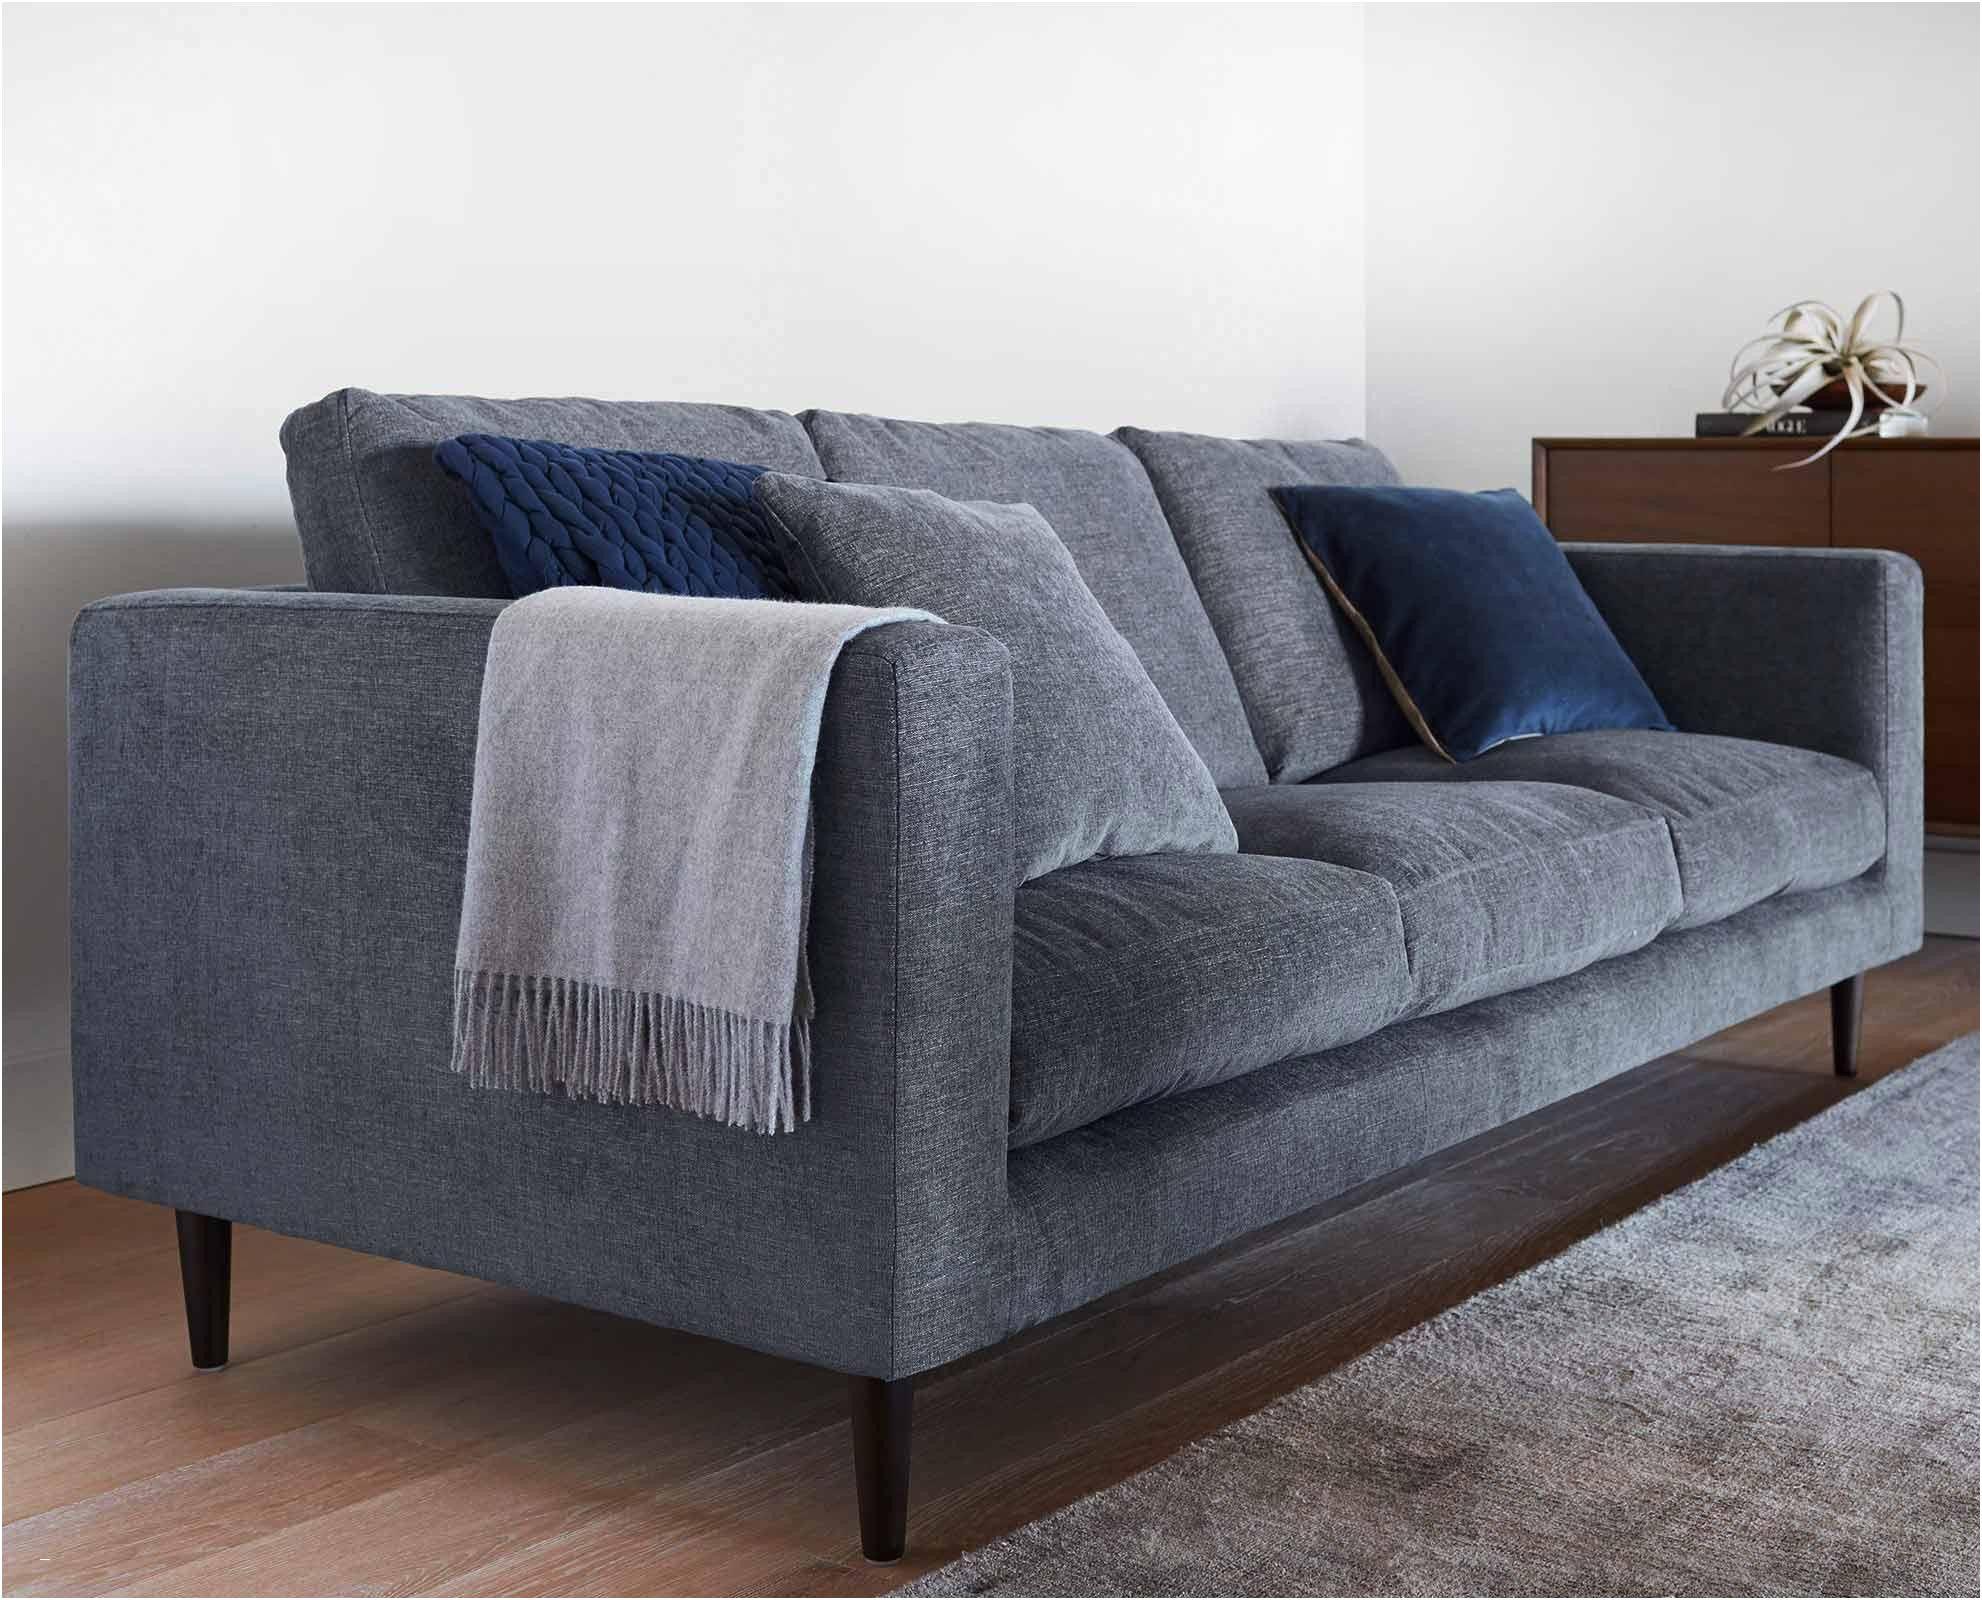 England Sofa Fresh Top Ergebnis 50 Luxus 2 5 Sitzer Sofa Mit Relaxfunktion Galerie 2017 Sofamitausklappbaremfuteil Sofamitchlorreinigen Sofamitdampfreinigen Di 2020